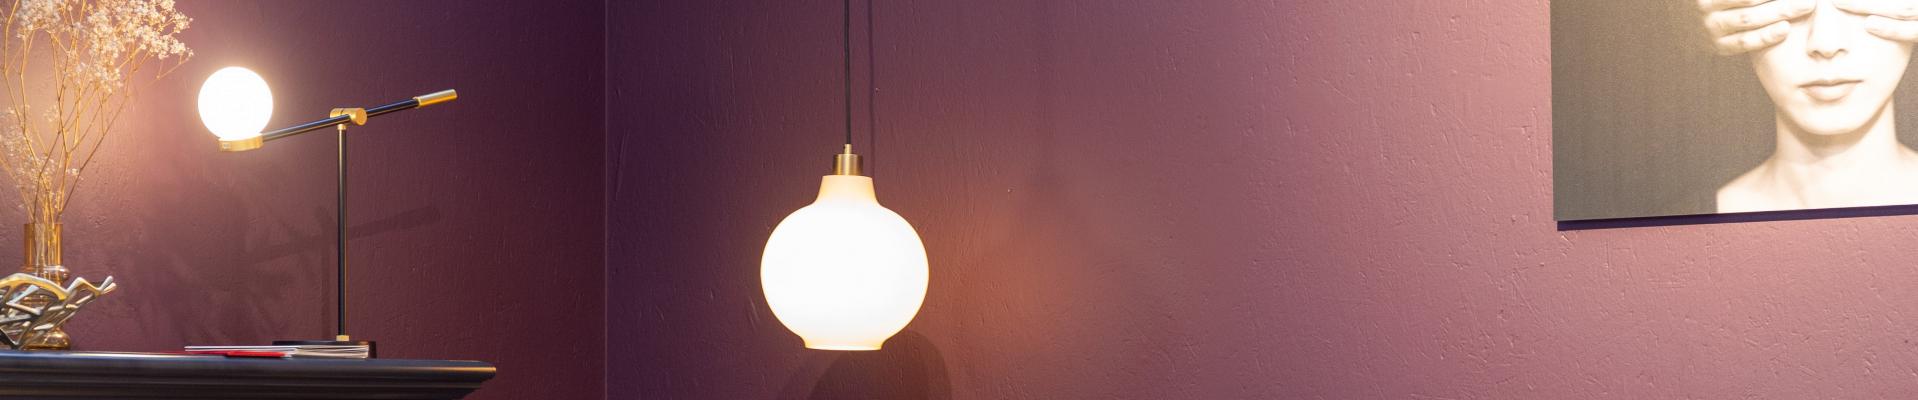 Nuuck lampen